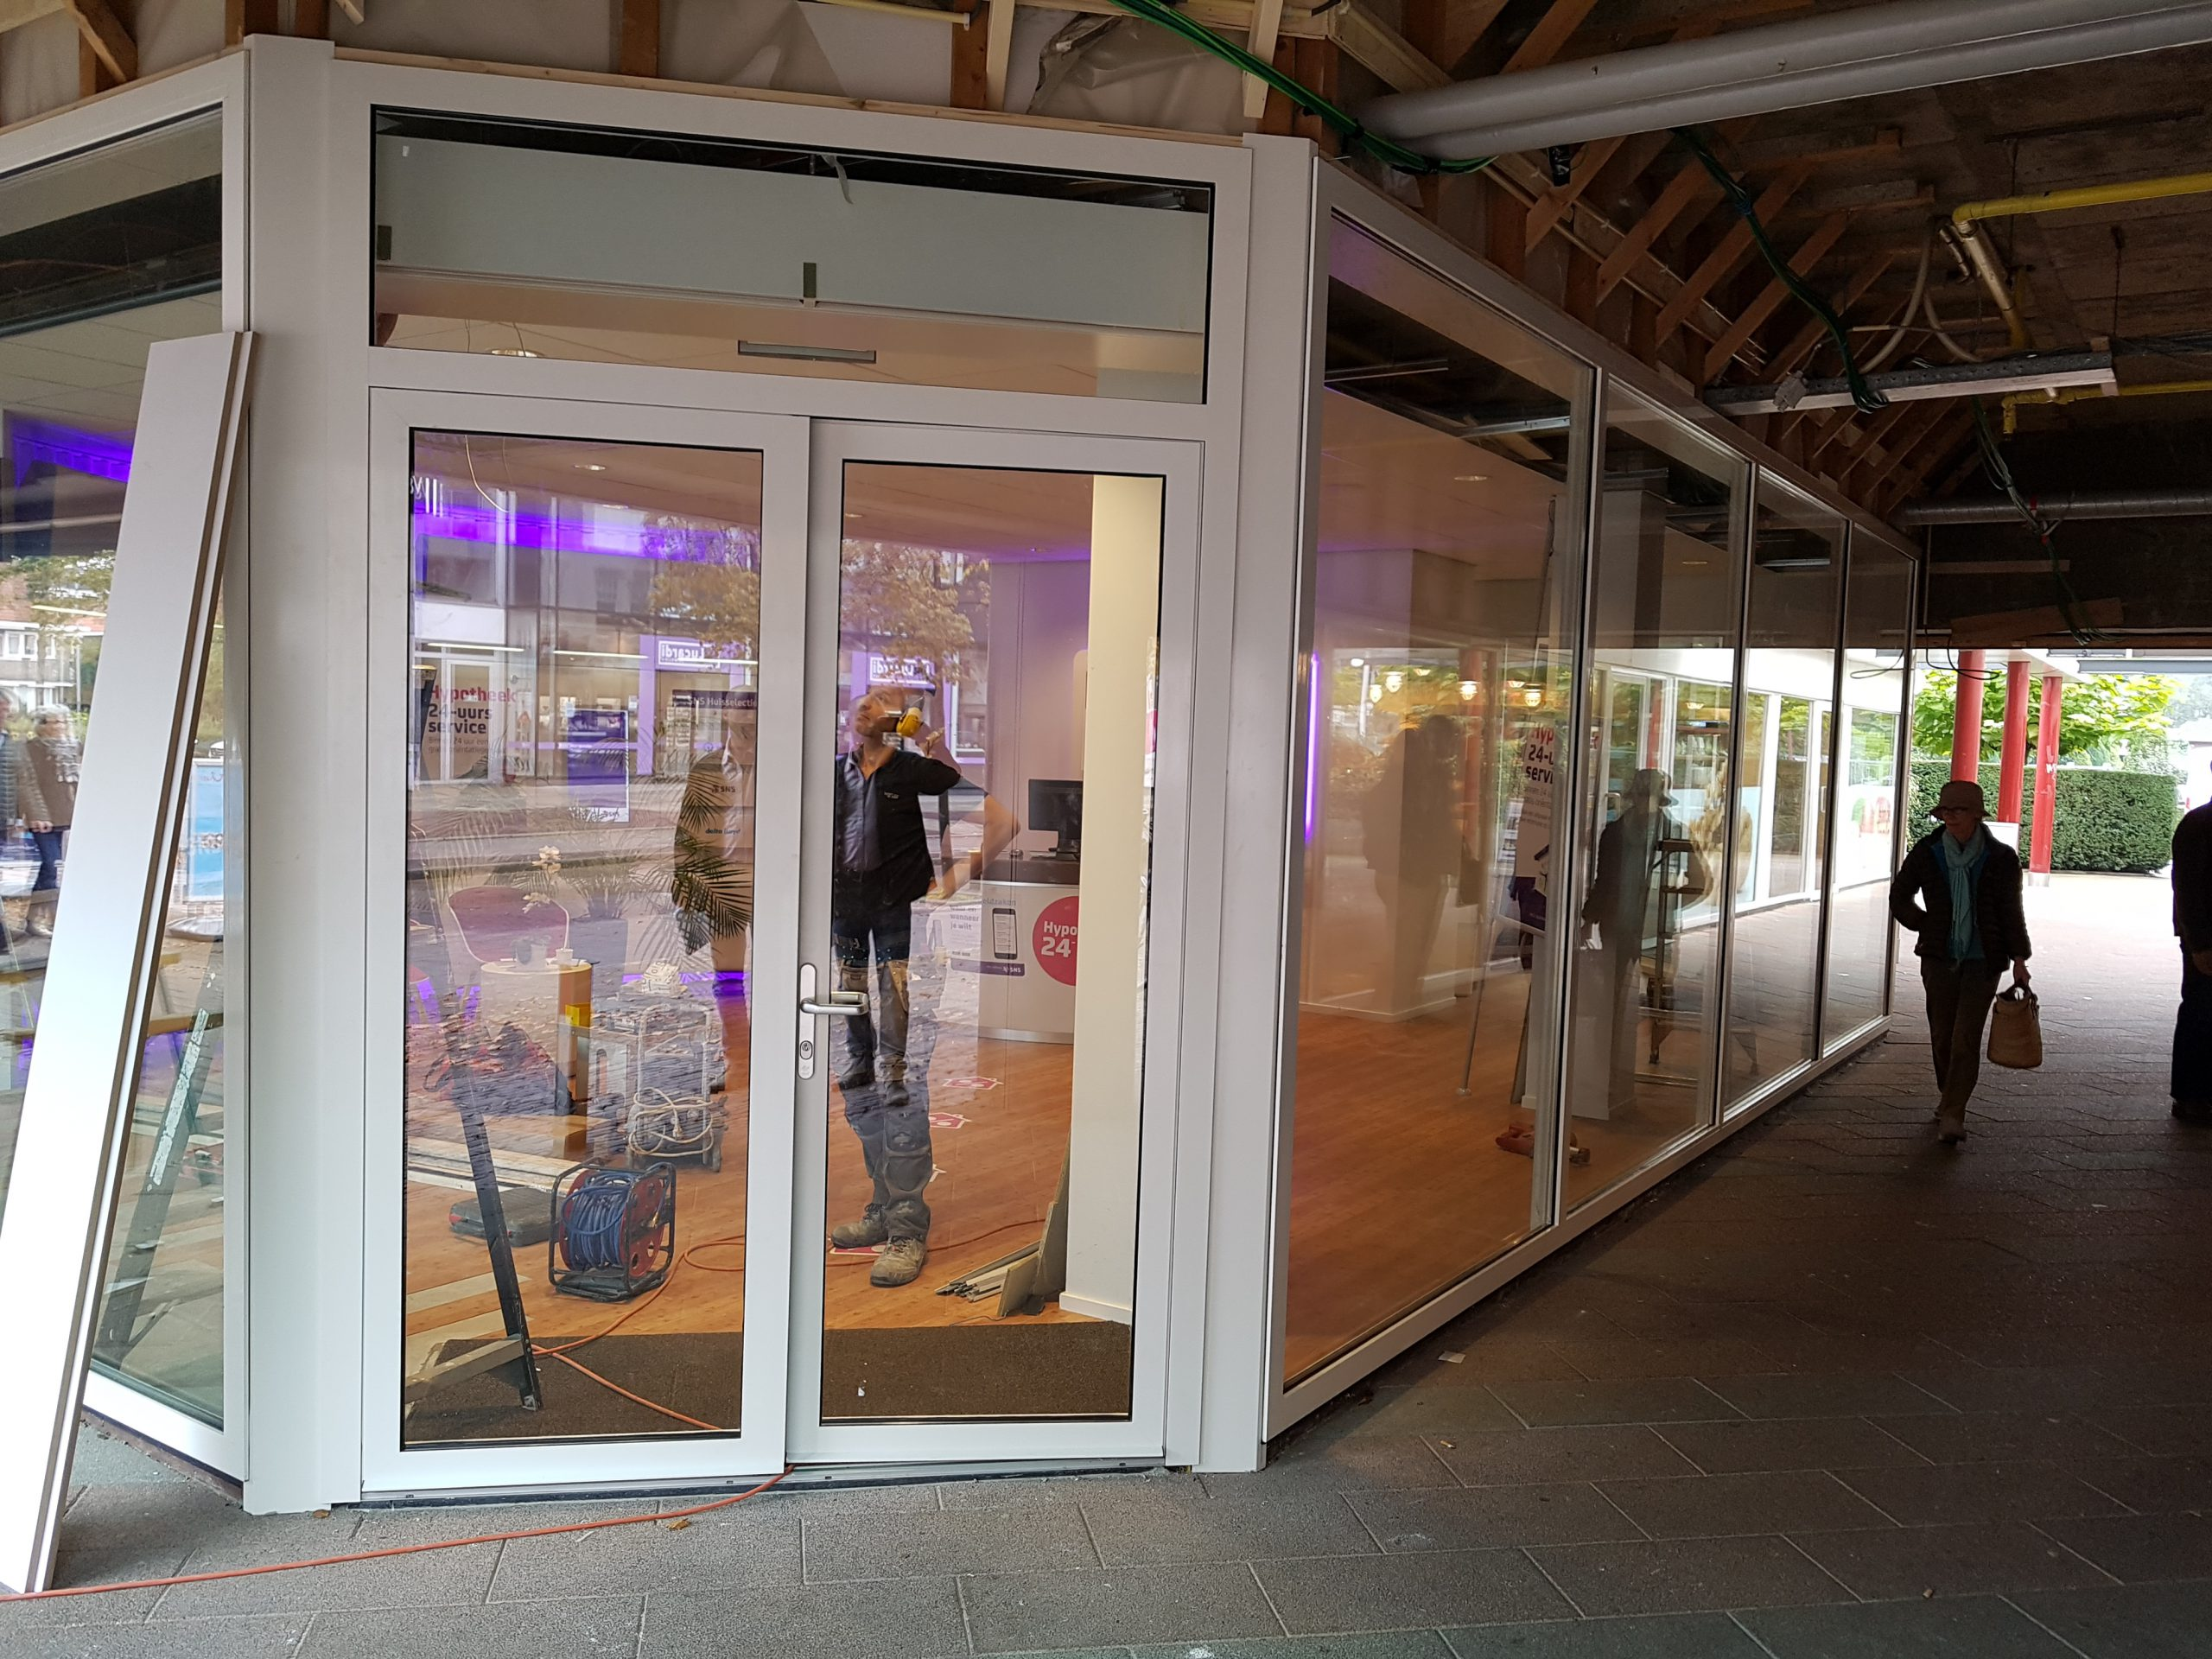 Winkelcentrum Hogeweg Passage Zeist